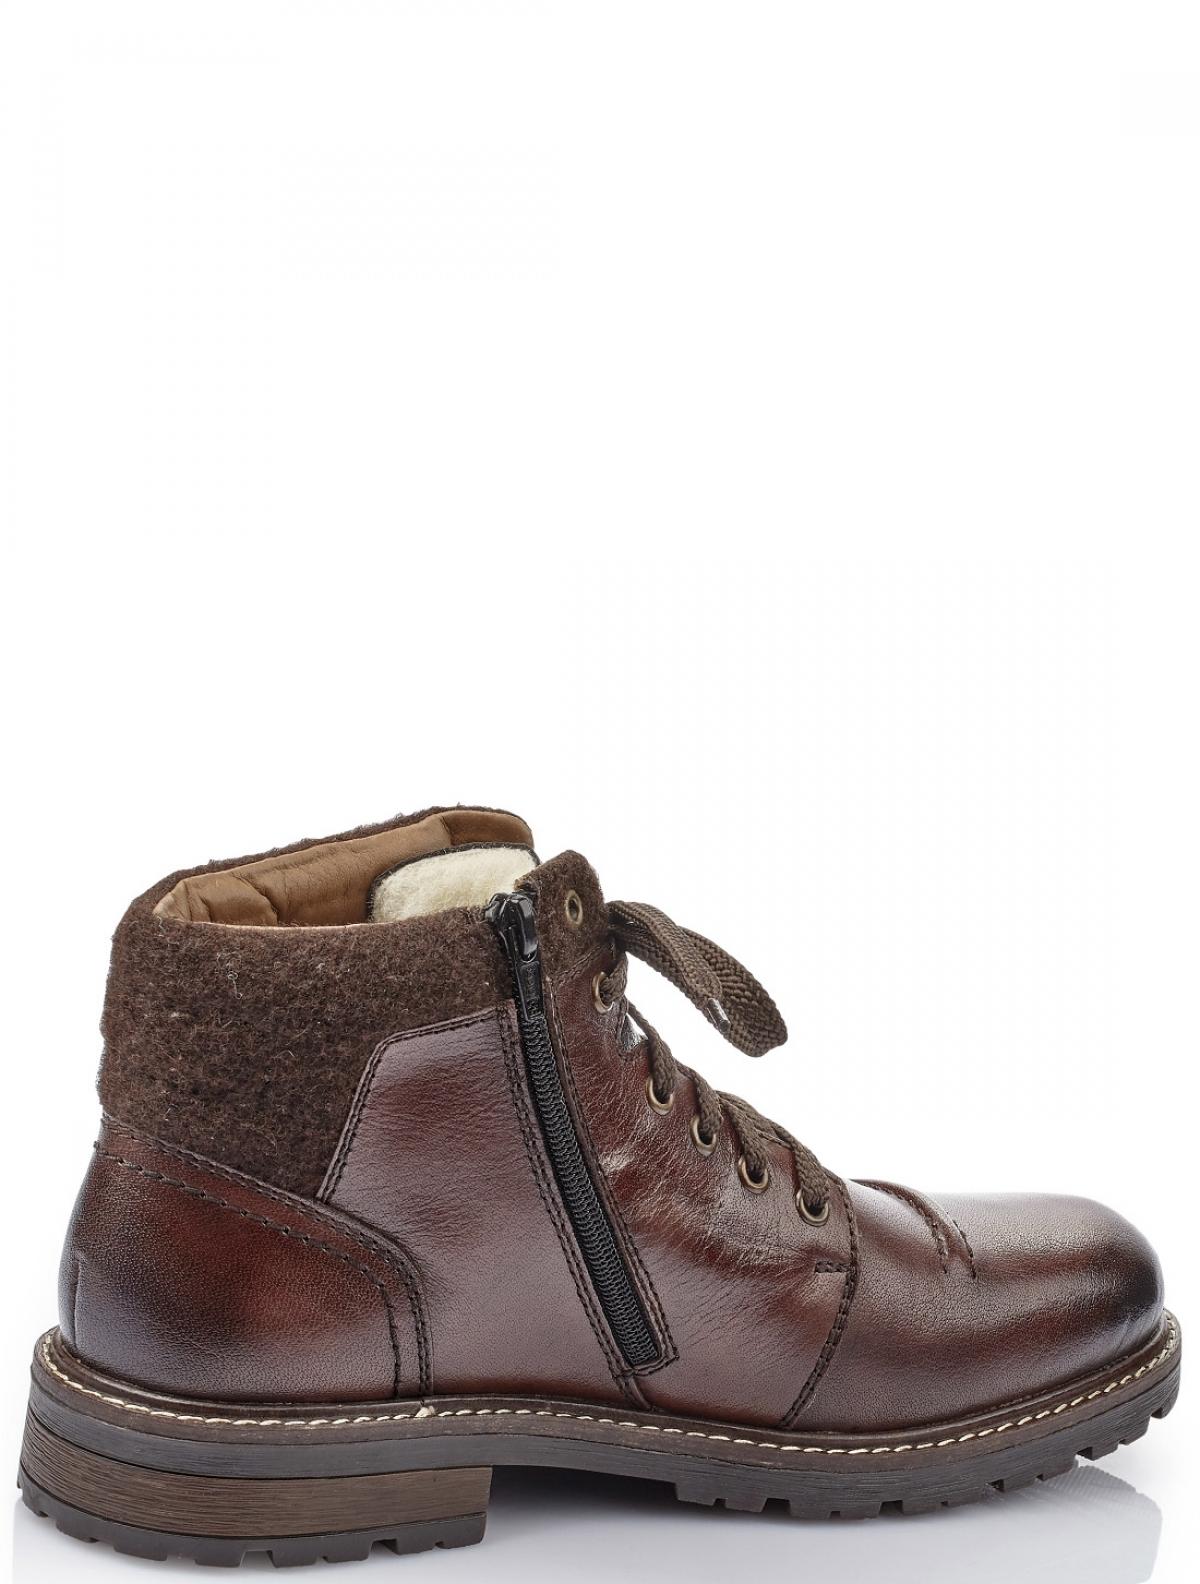 Rieker 32020-25 мужские ботинки